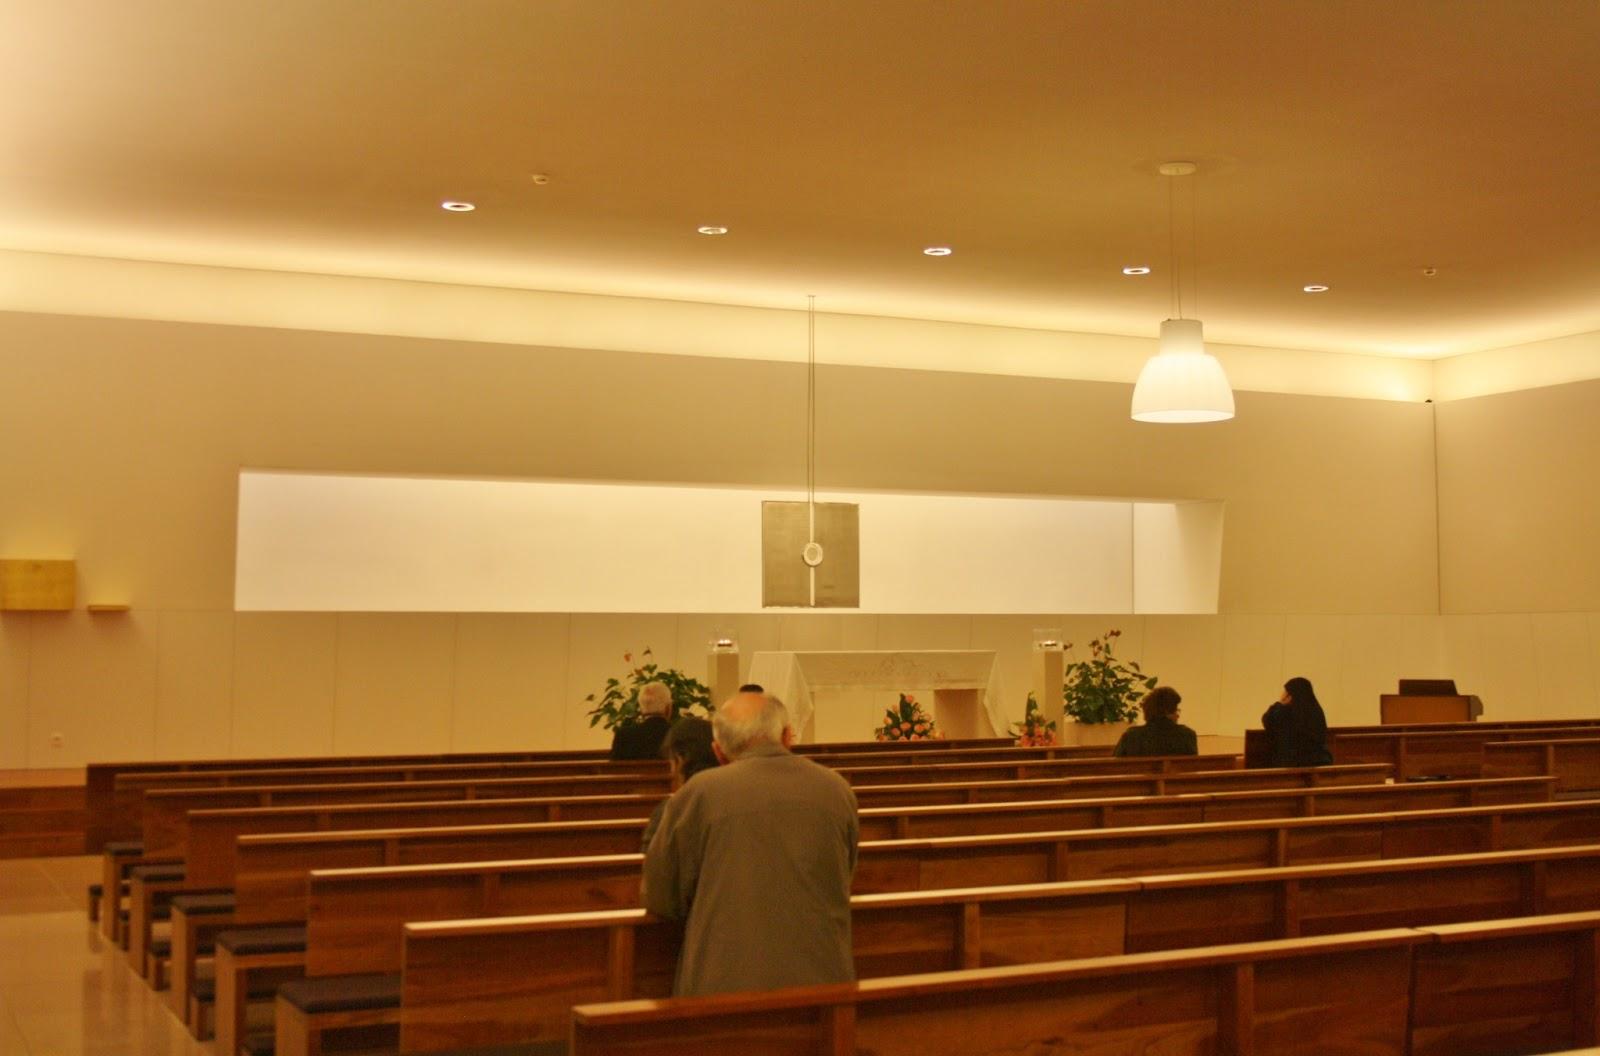 Capela do Santissimo Sacramento